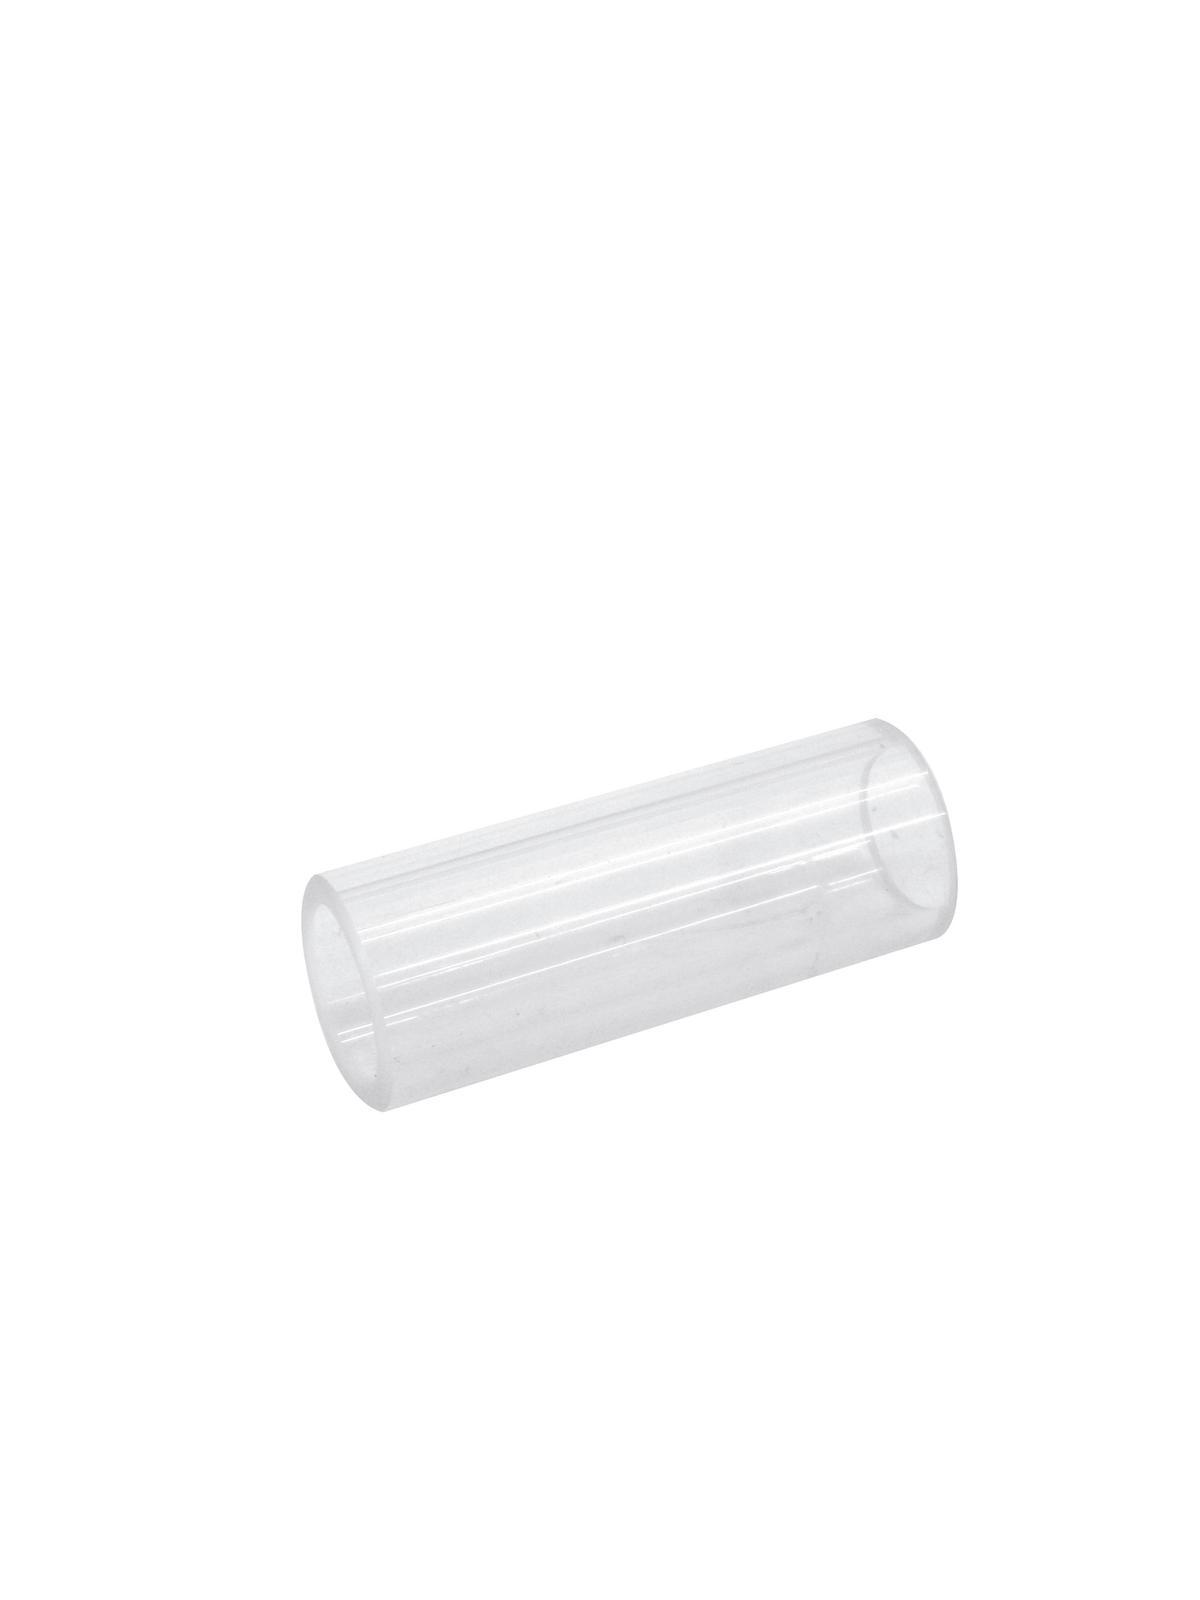 dimavery-guitar-slide-acrylglas